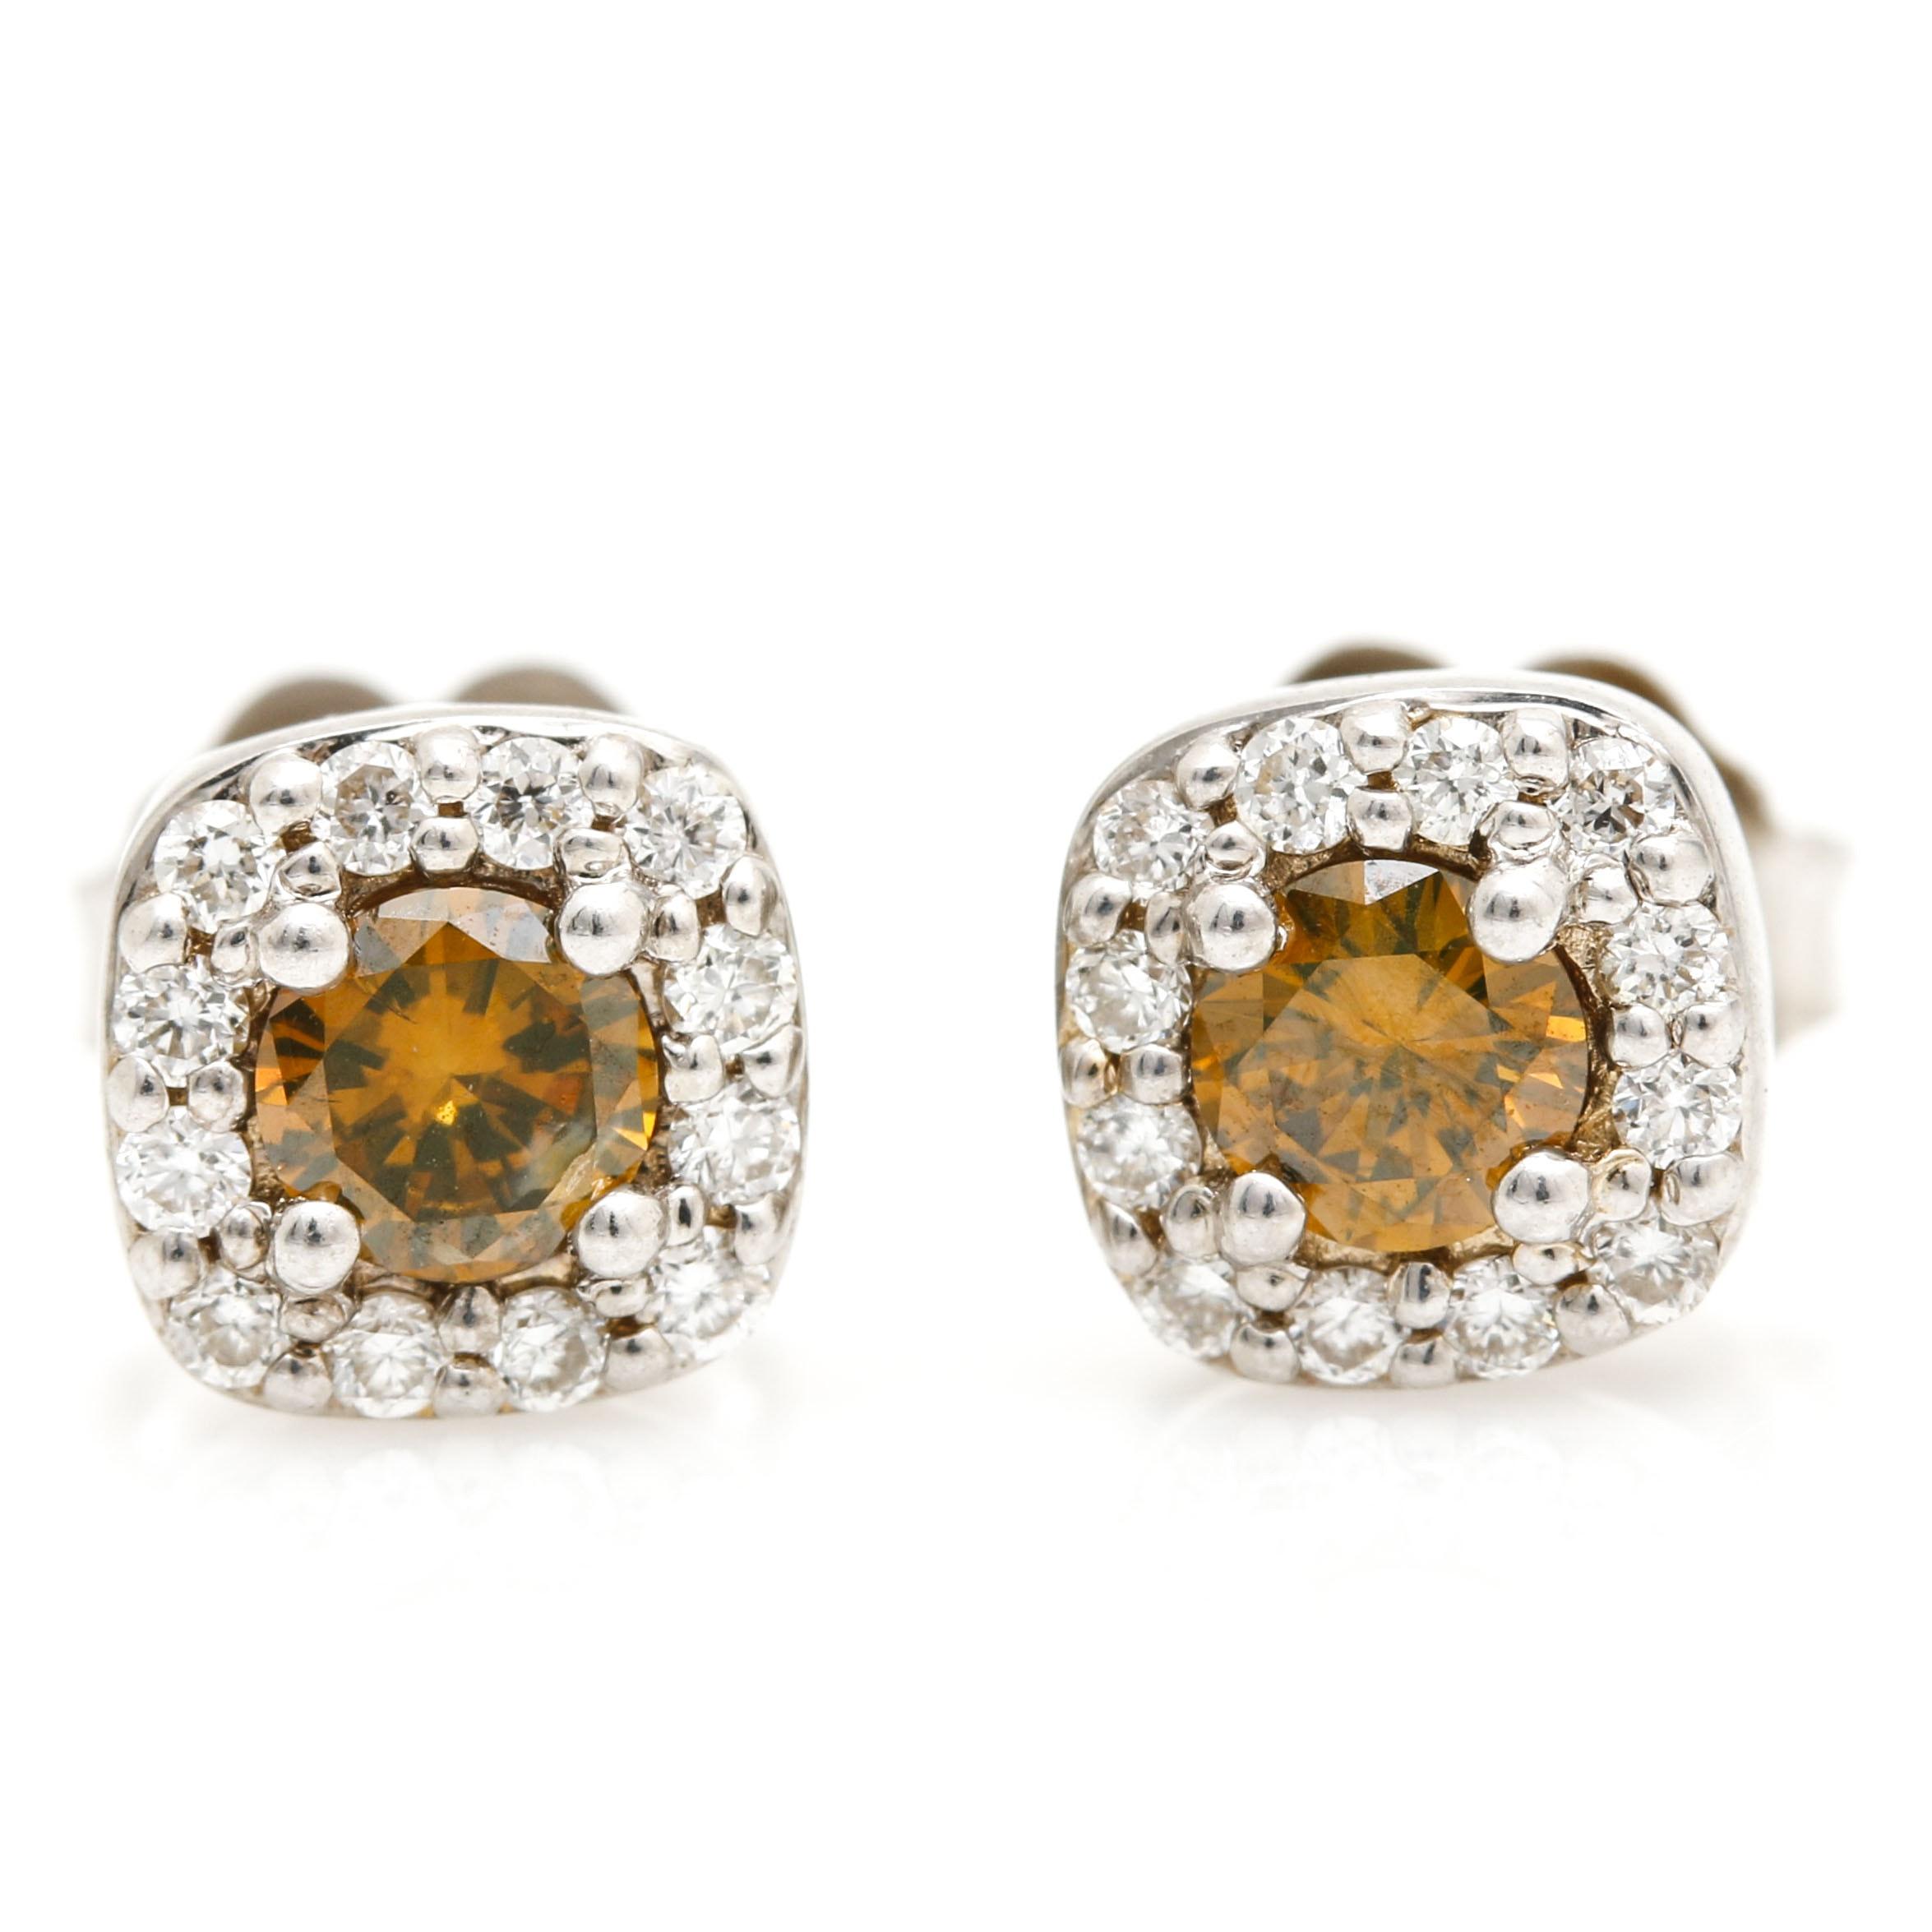 14K White Gold Fancy Reddish Orange Diamond Earrings